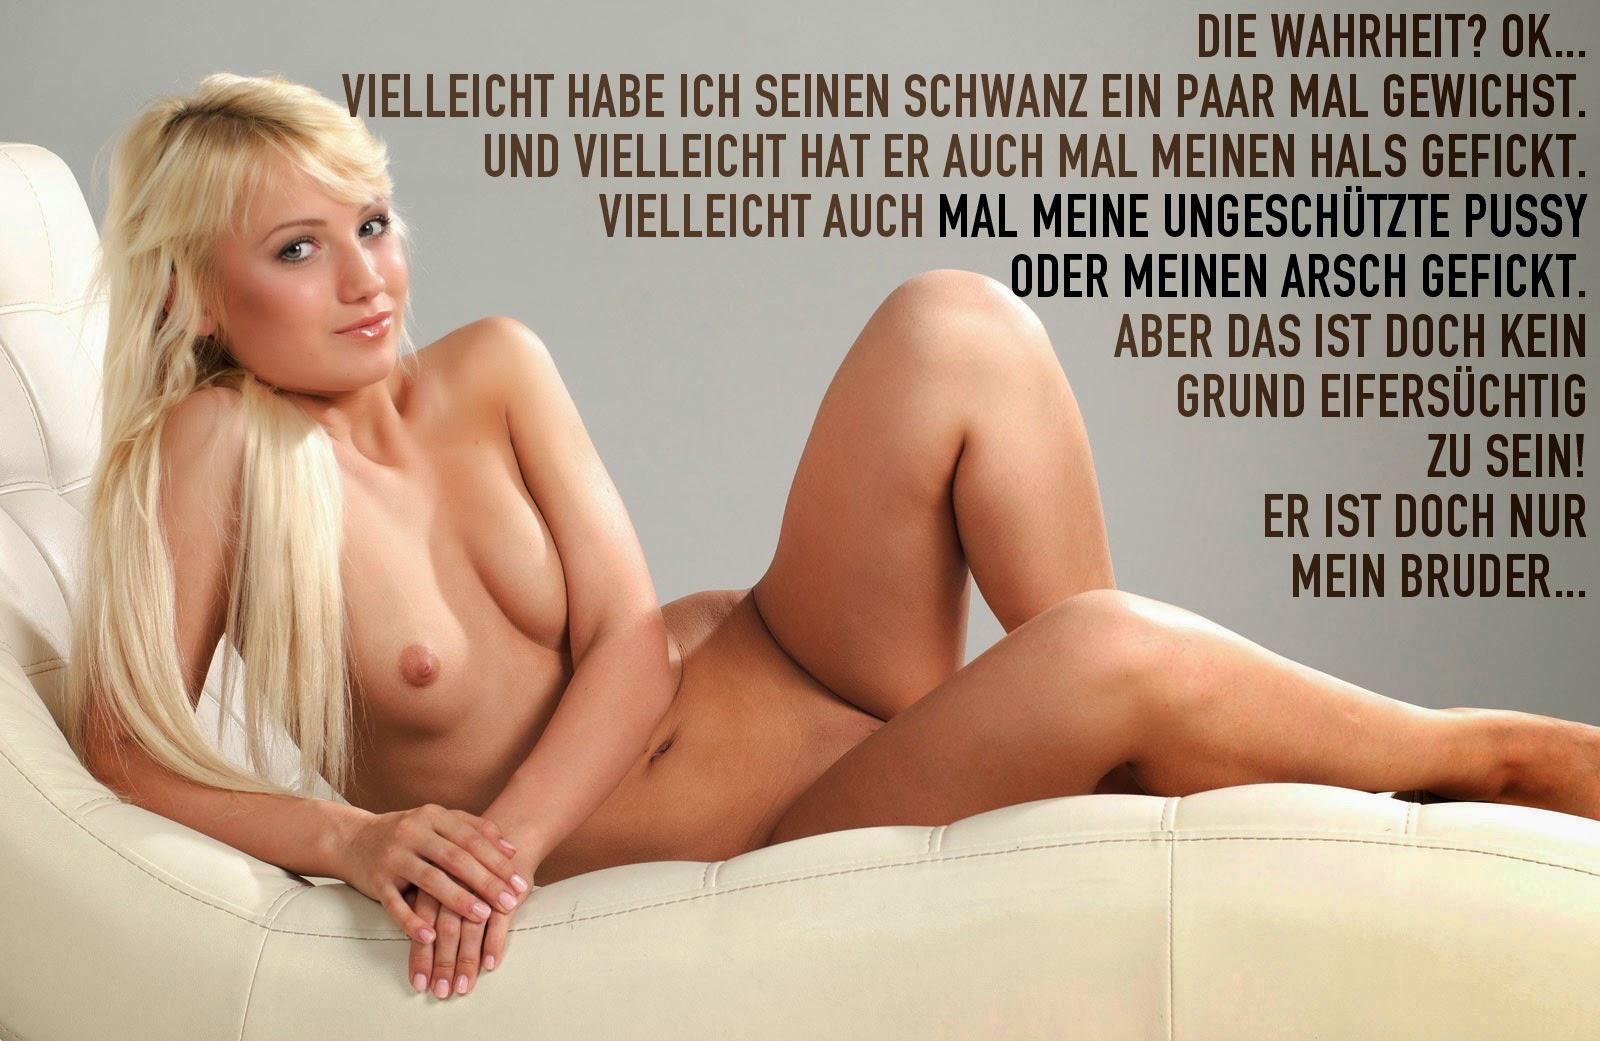 Cuckold auf deutsch